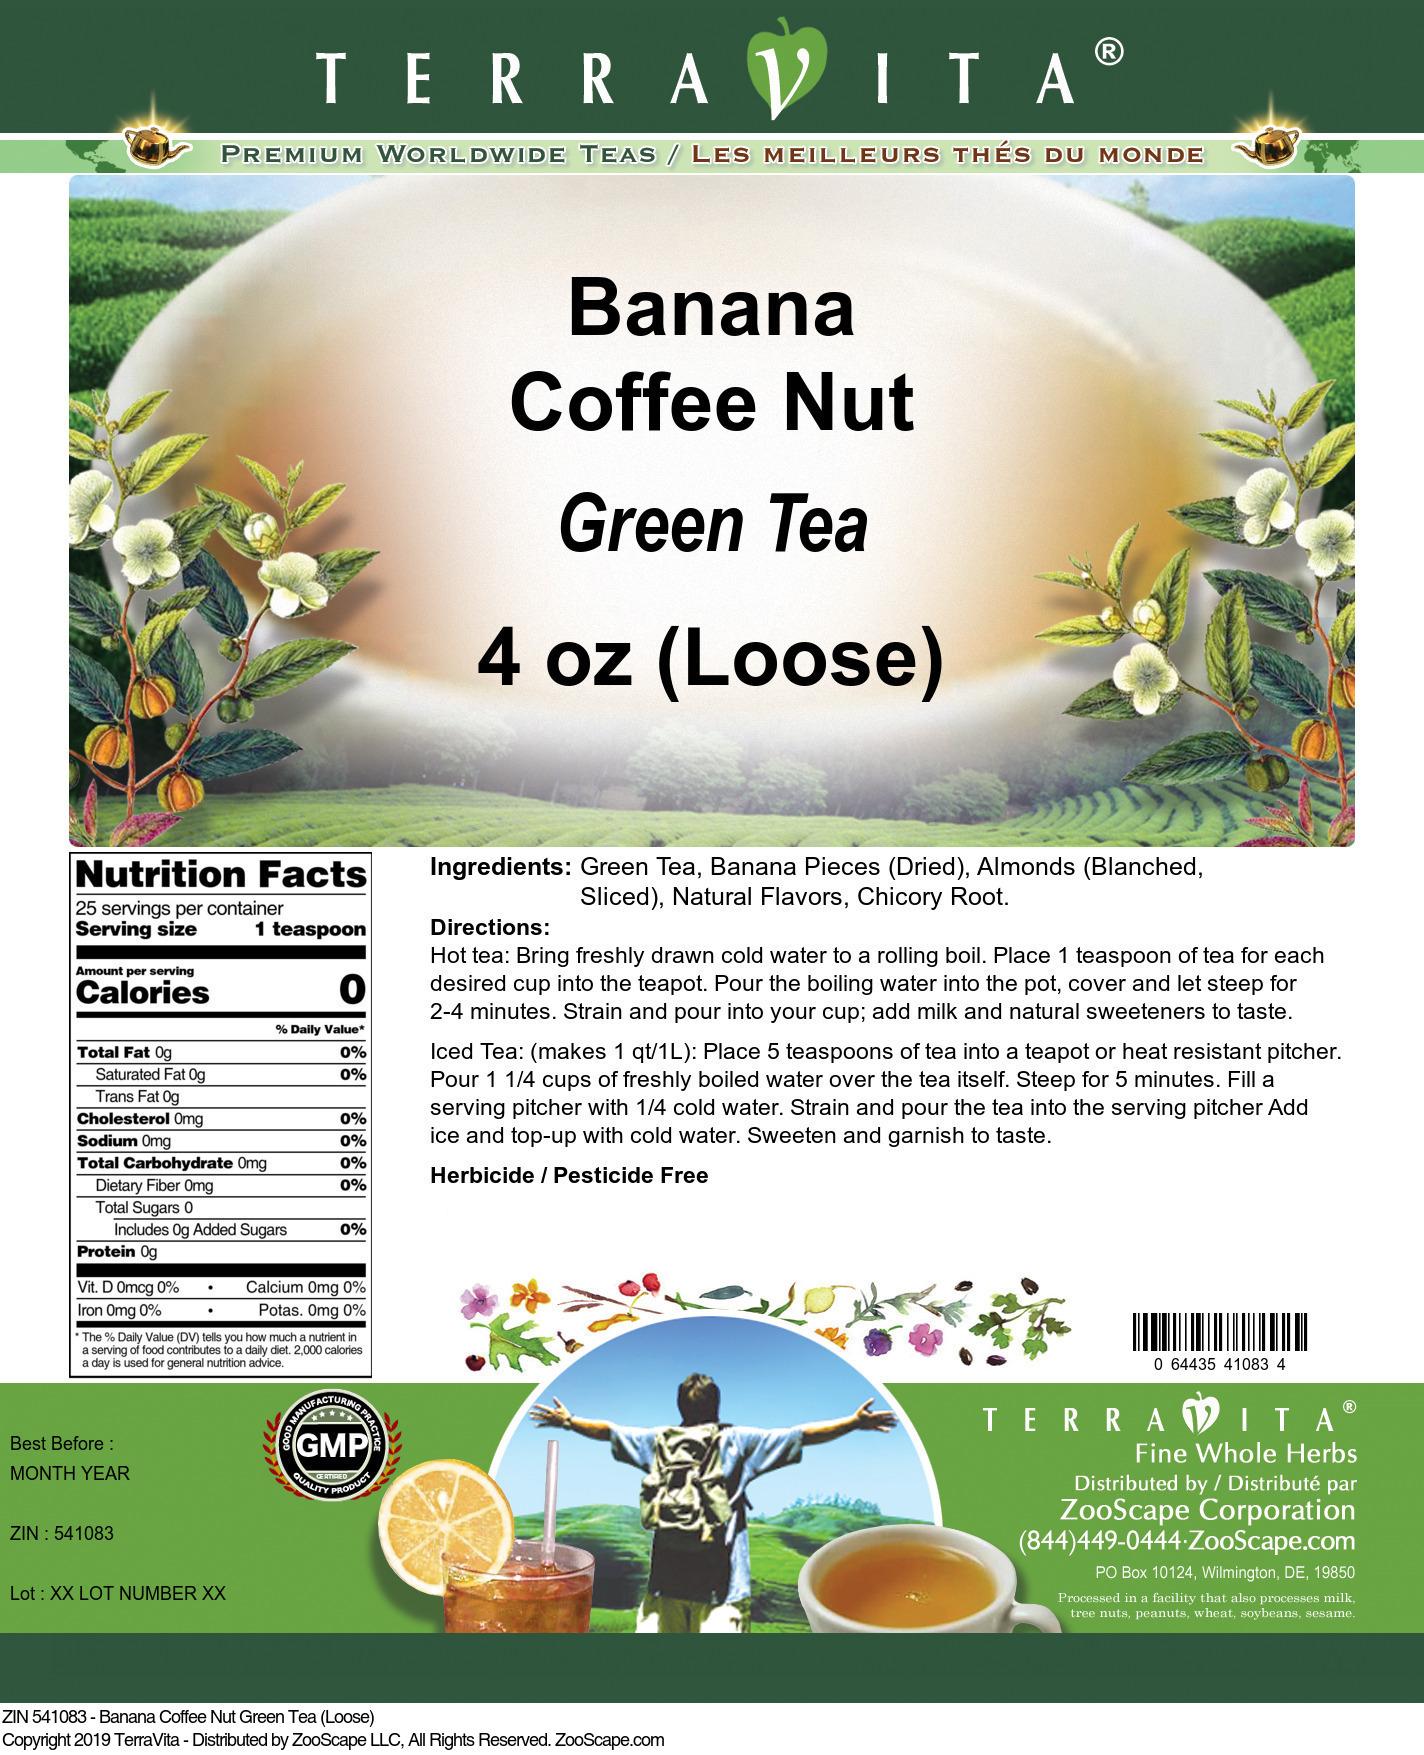 Banana Coffee Nut Green Tea (Loose)